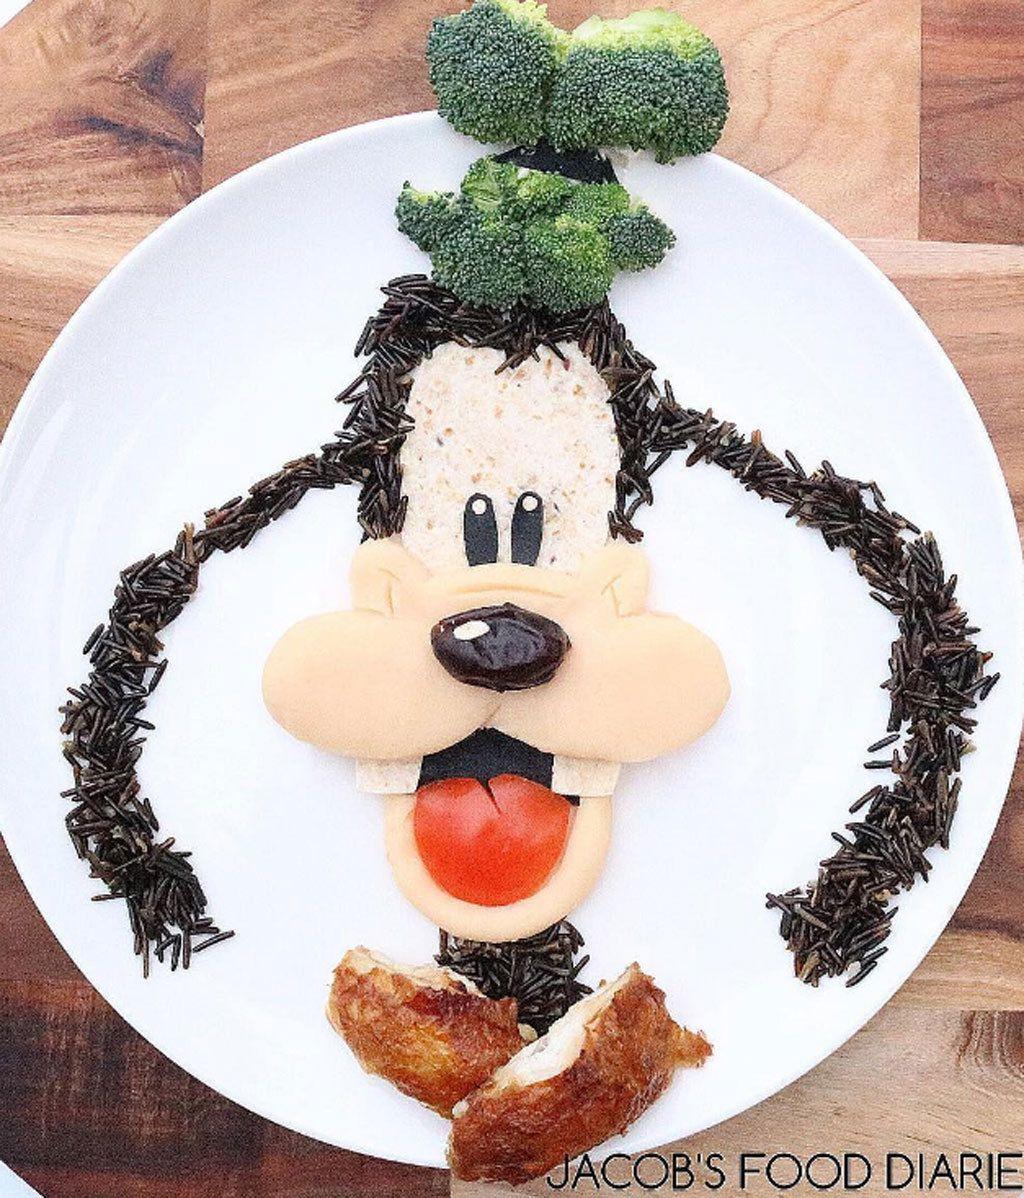 Quiso cocinar atractivos platos para su hijo y se lió, se lió...